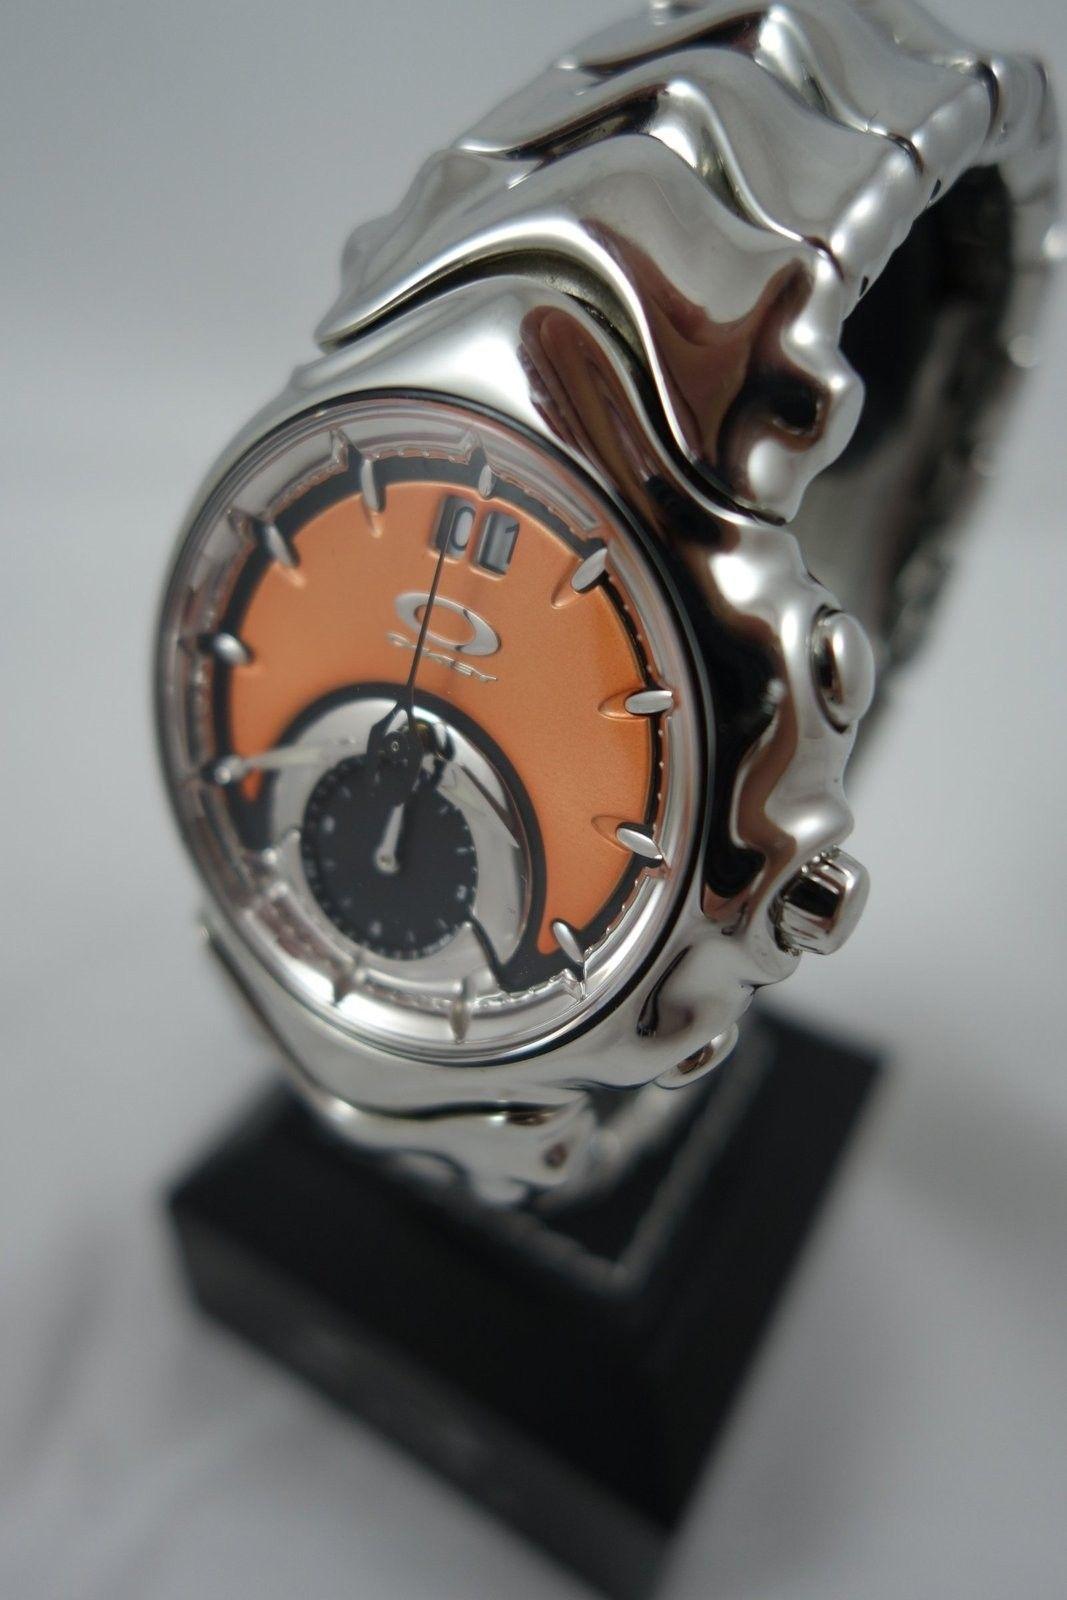 Judge 1.0 Copper/Stainless - DSC04457.JPG